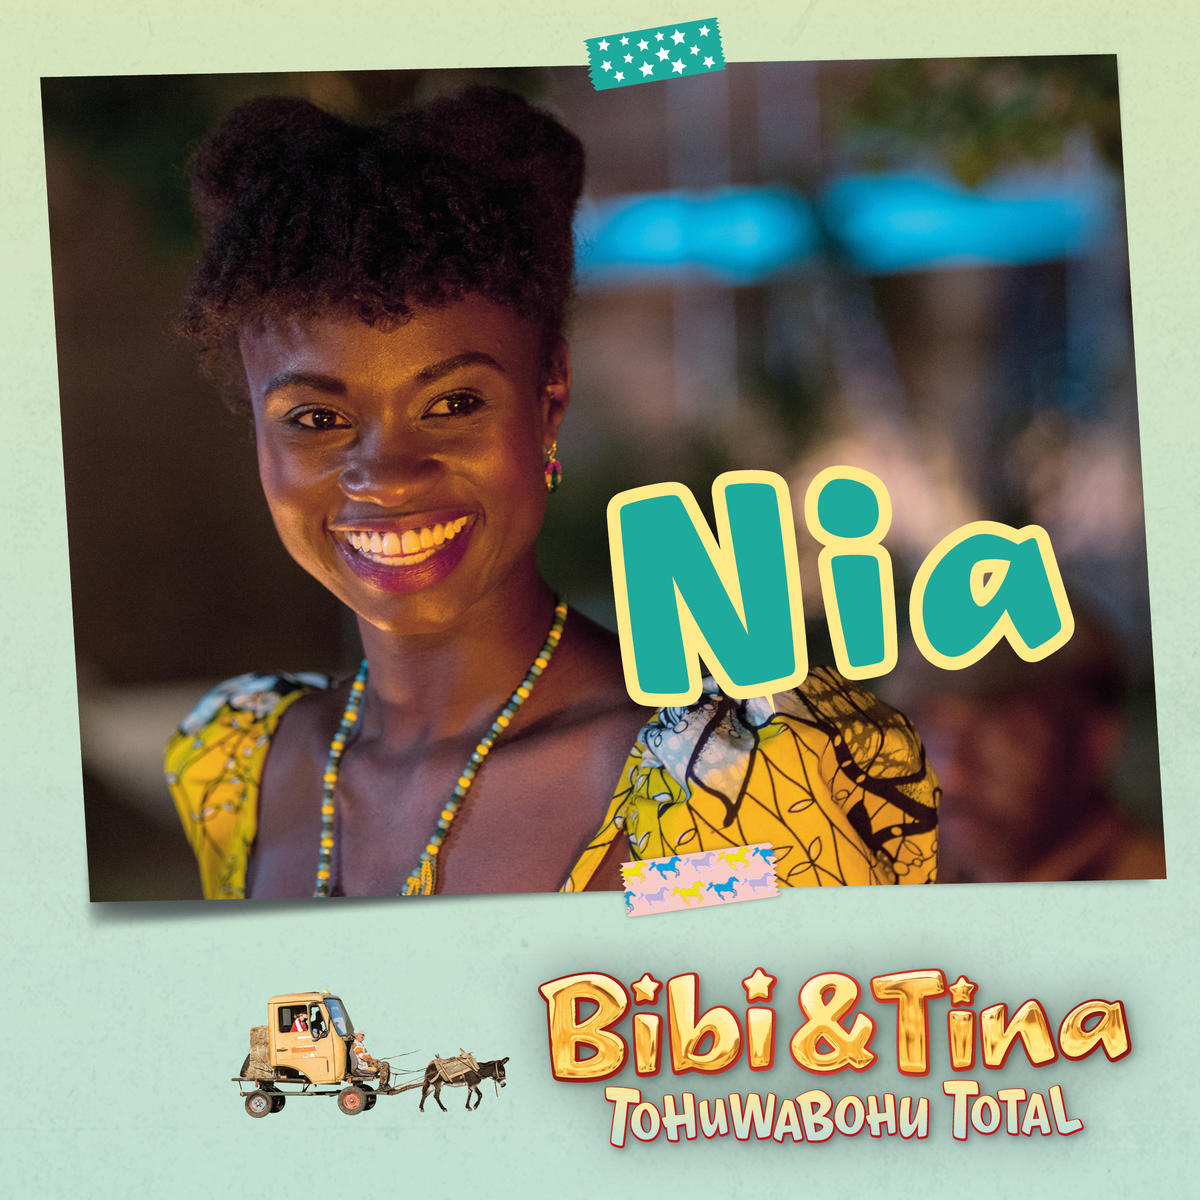 bibi-tina-tohuwabohu-total-mit-lorna-ishema.jpg